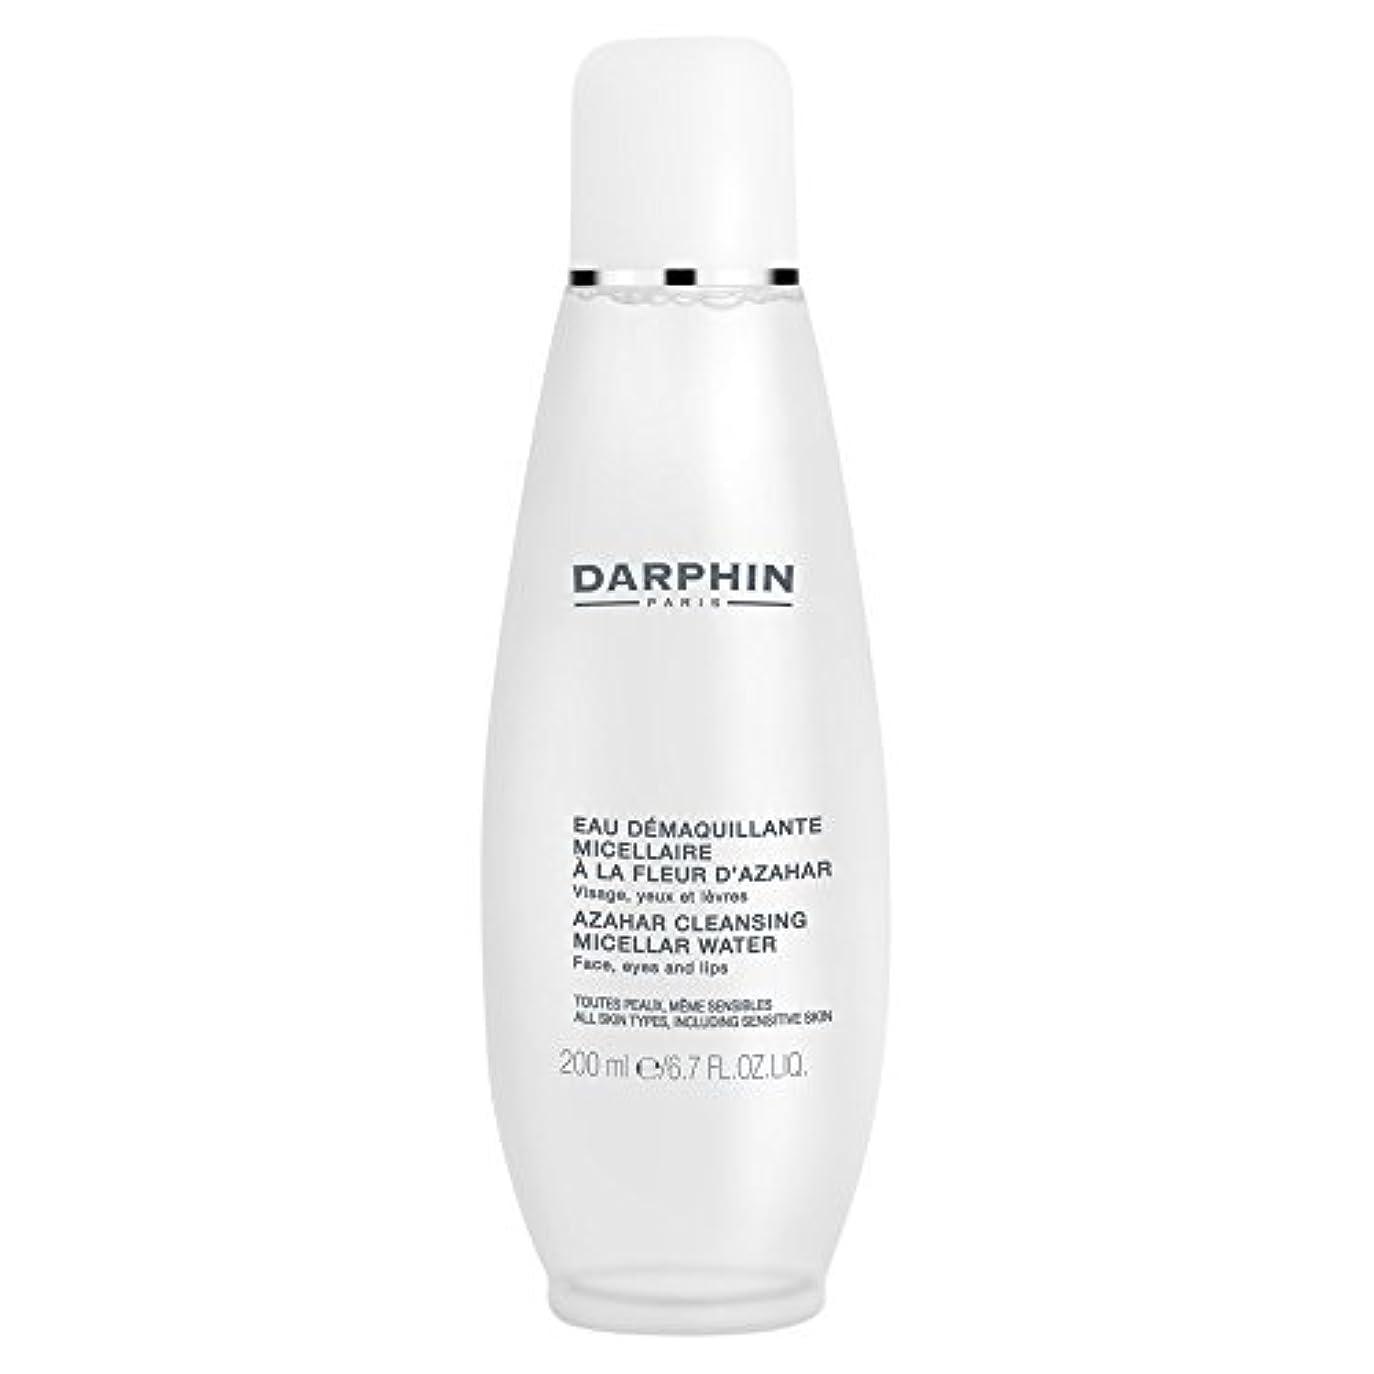 迷信合法飢饉ミセル水クレンジングアサールダルファン、200ミリリットル (Darphin) (x6) - Darphin Azahar Cleansing Micellar Water, 200ml (Pack of 6) [並行輸入品]